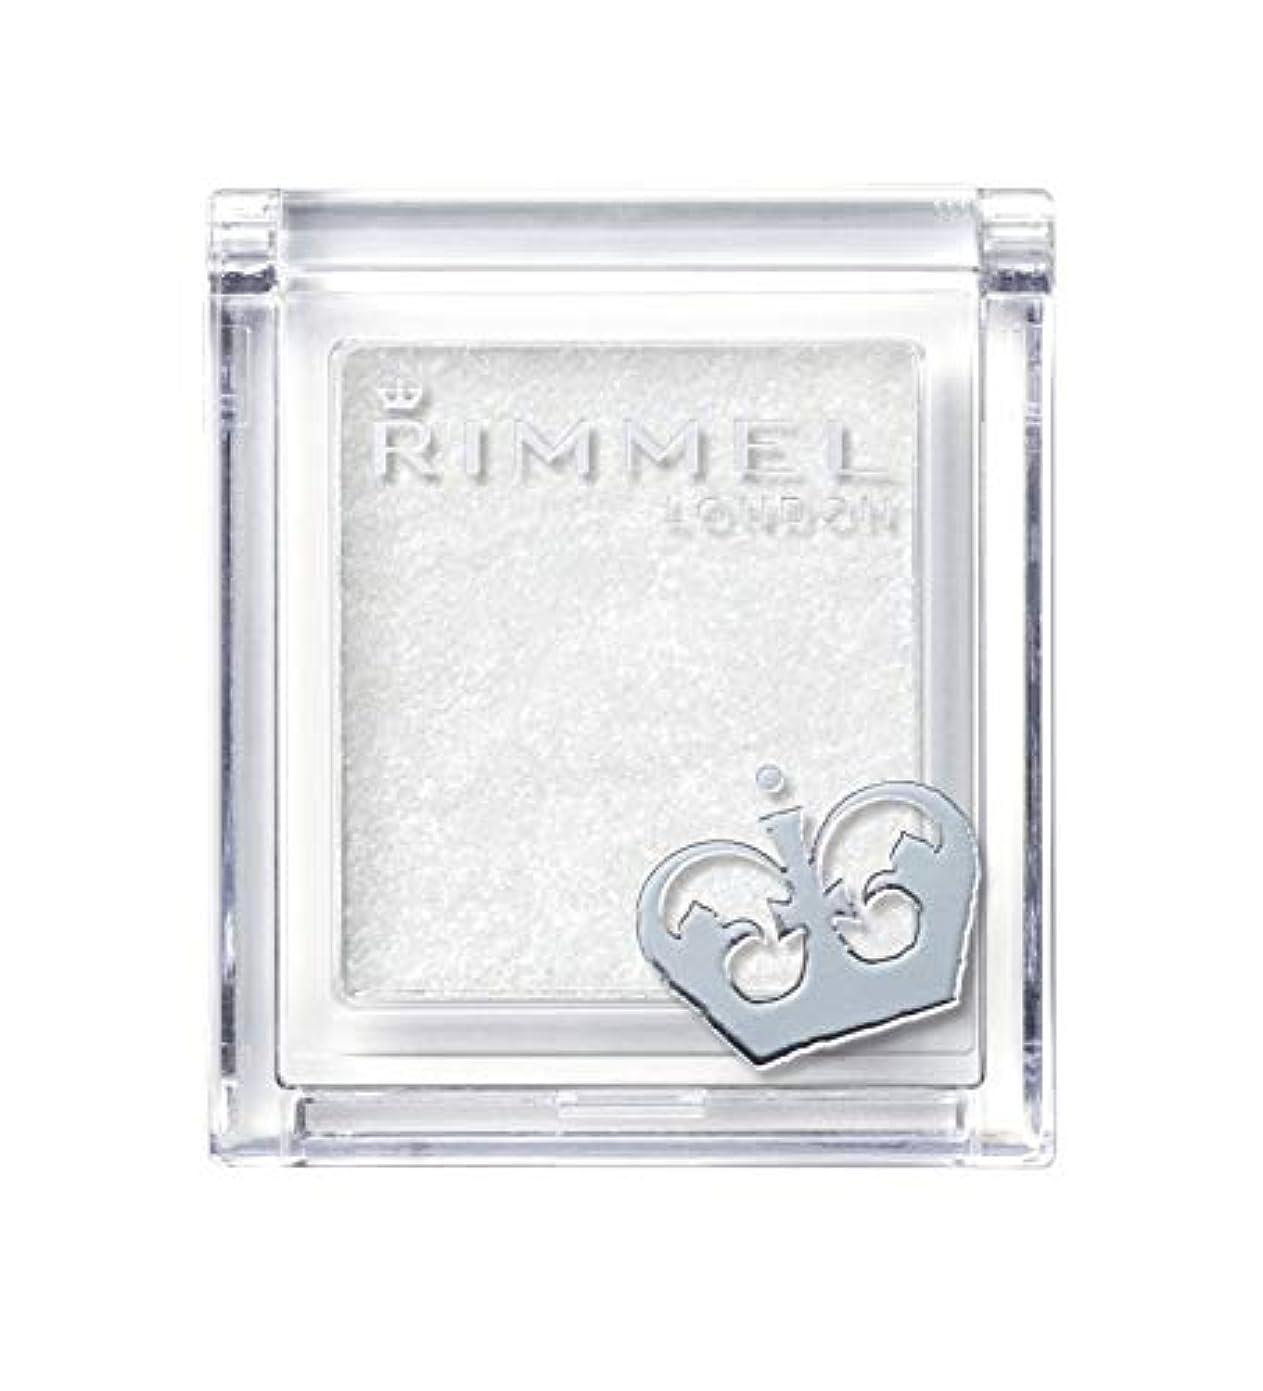 驚き序文言うリンメル プリズムパウダーアイカラー 001 ダイヤモンドホワイト 1.5g